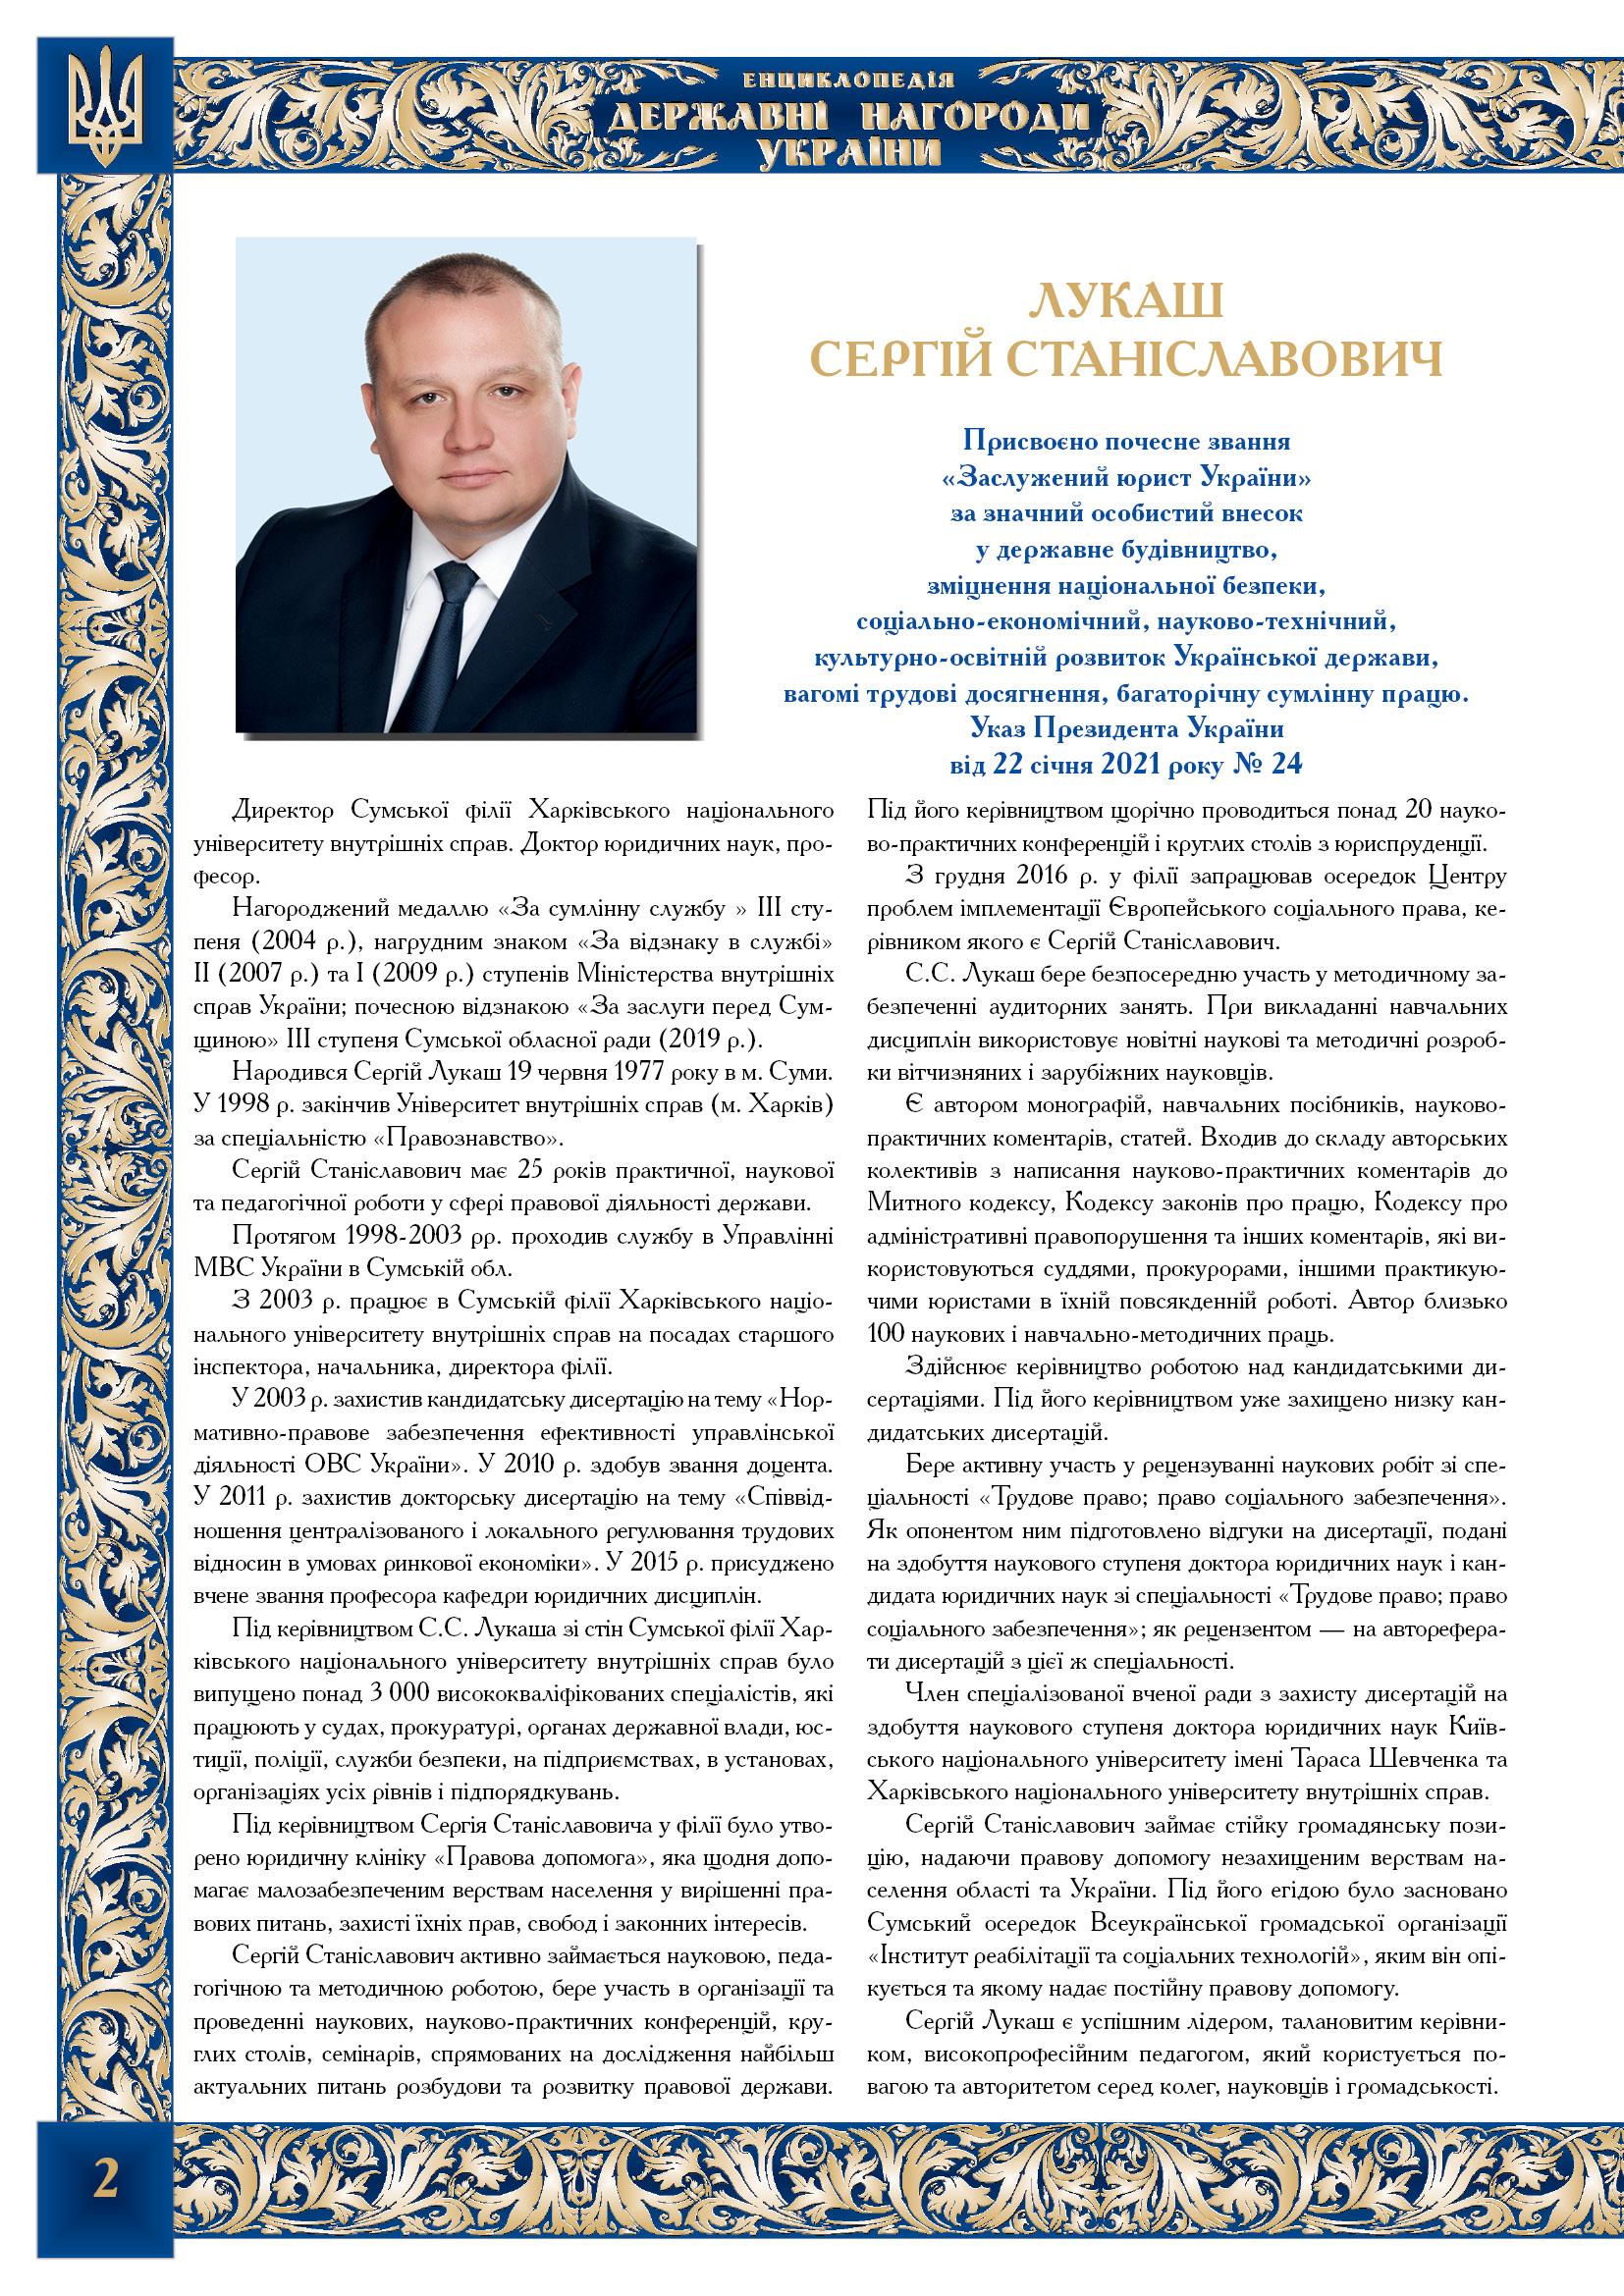 Лукаш Сергій Станіславович